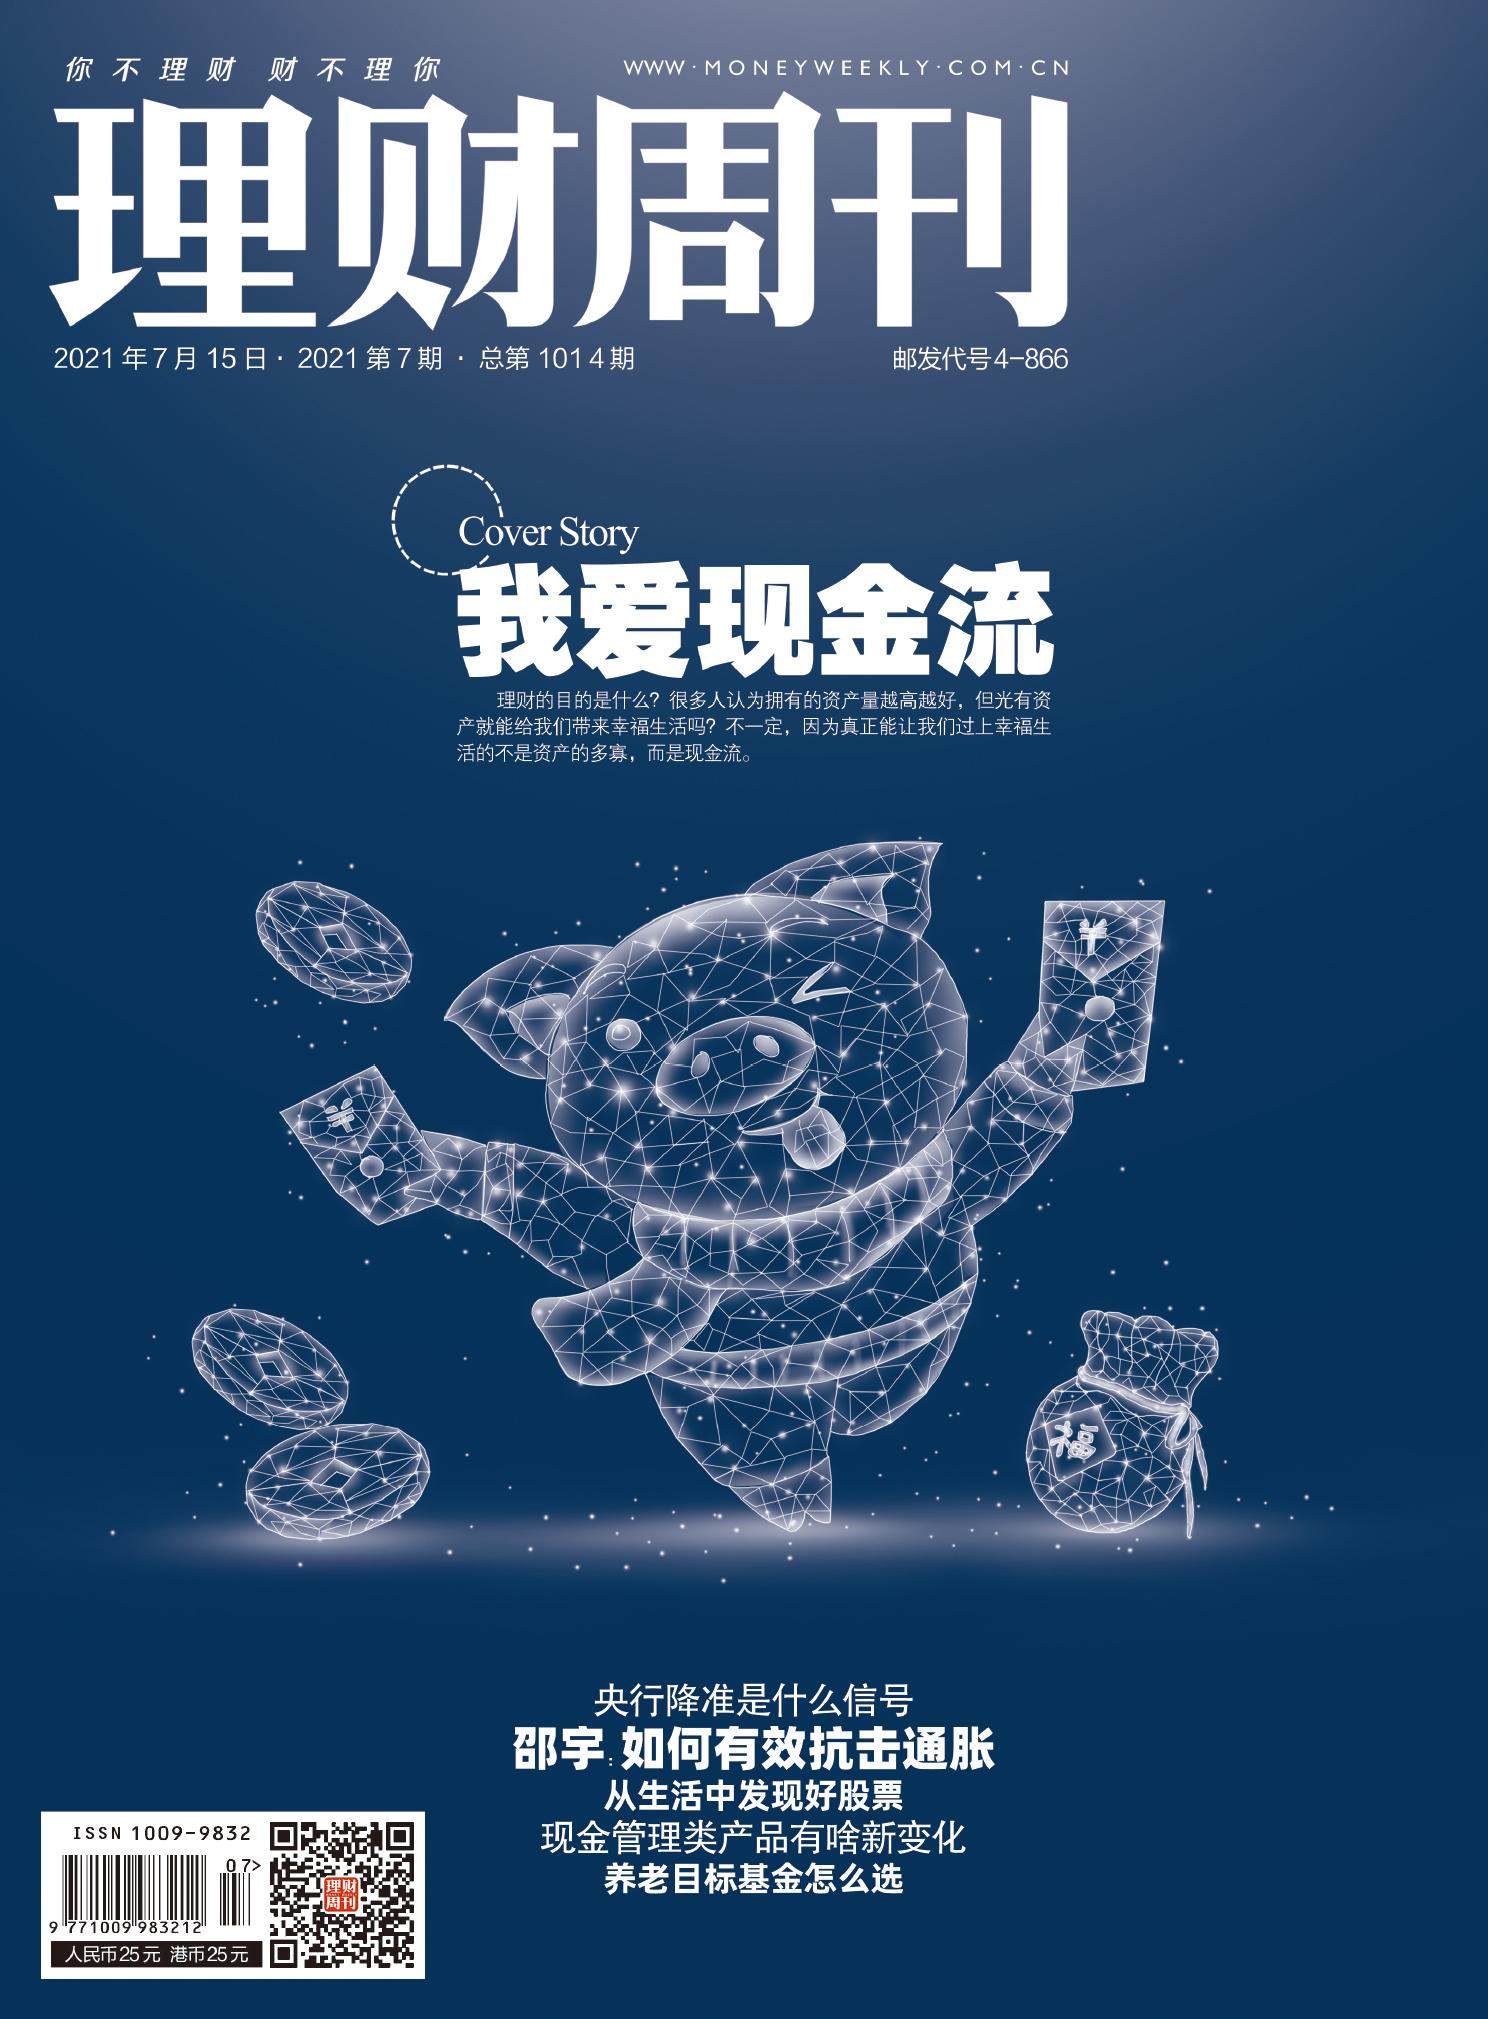 理财周刊-第1014期